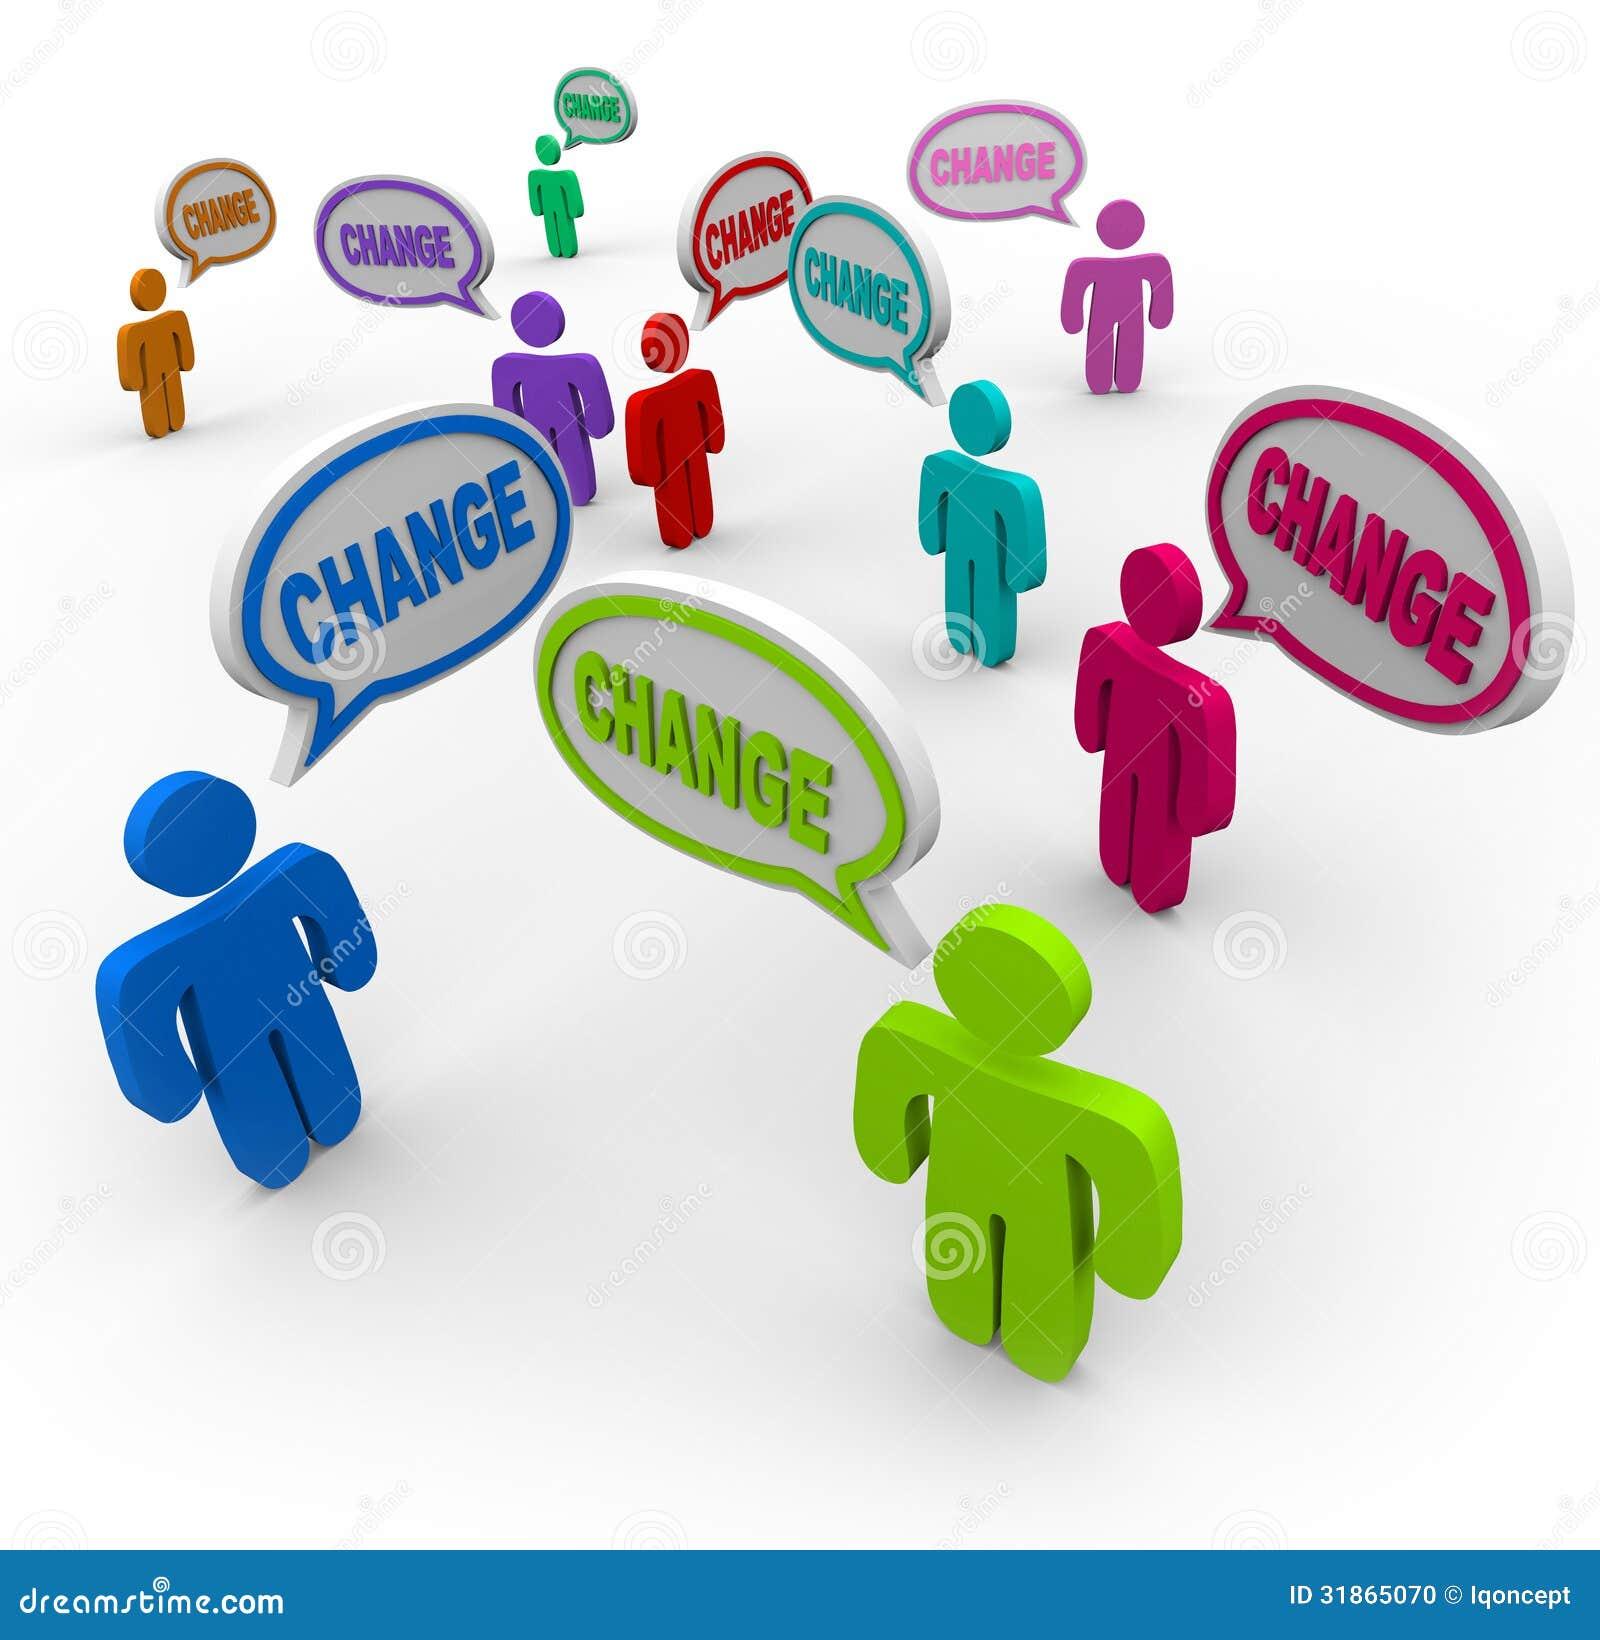 Zmiana jest Zaraźliwa - Zaludnia Zmieniać Udający się w życiu